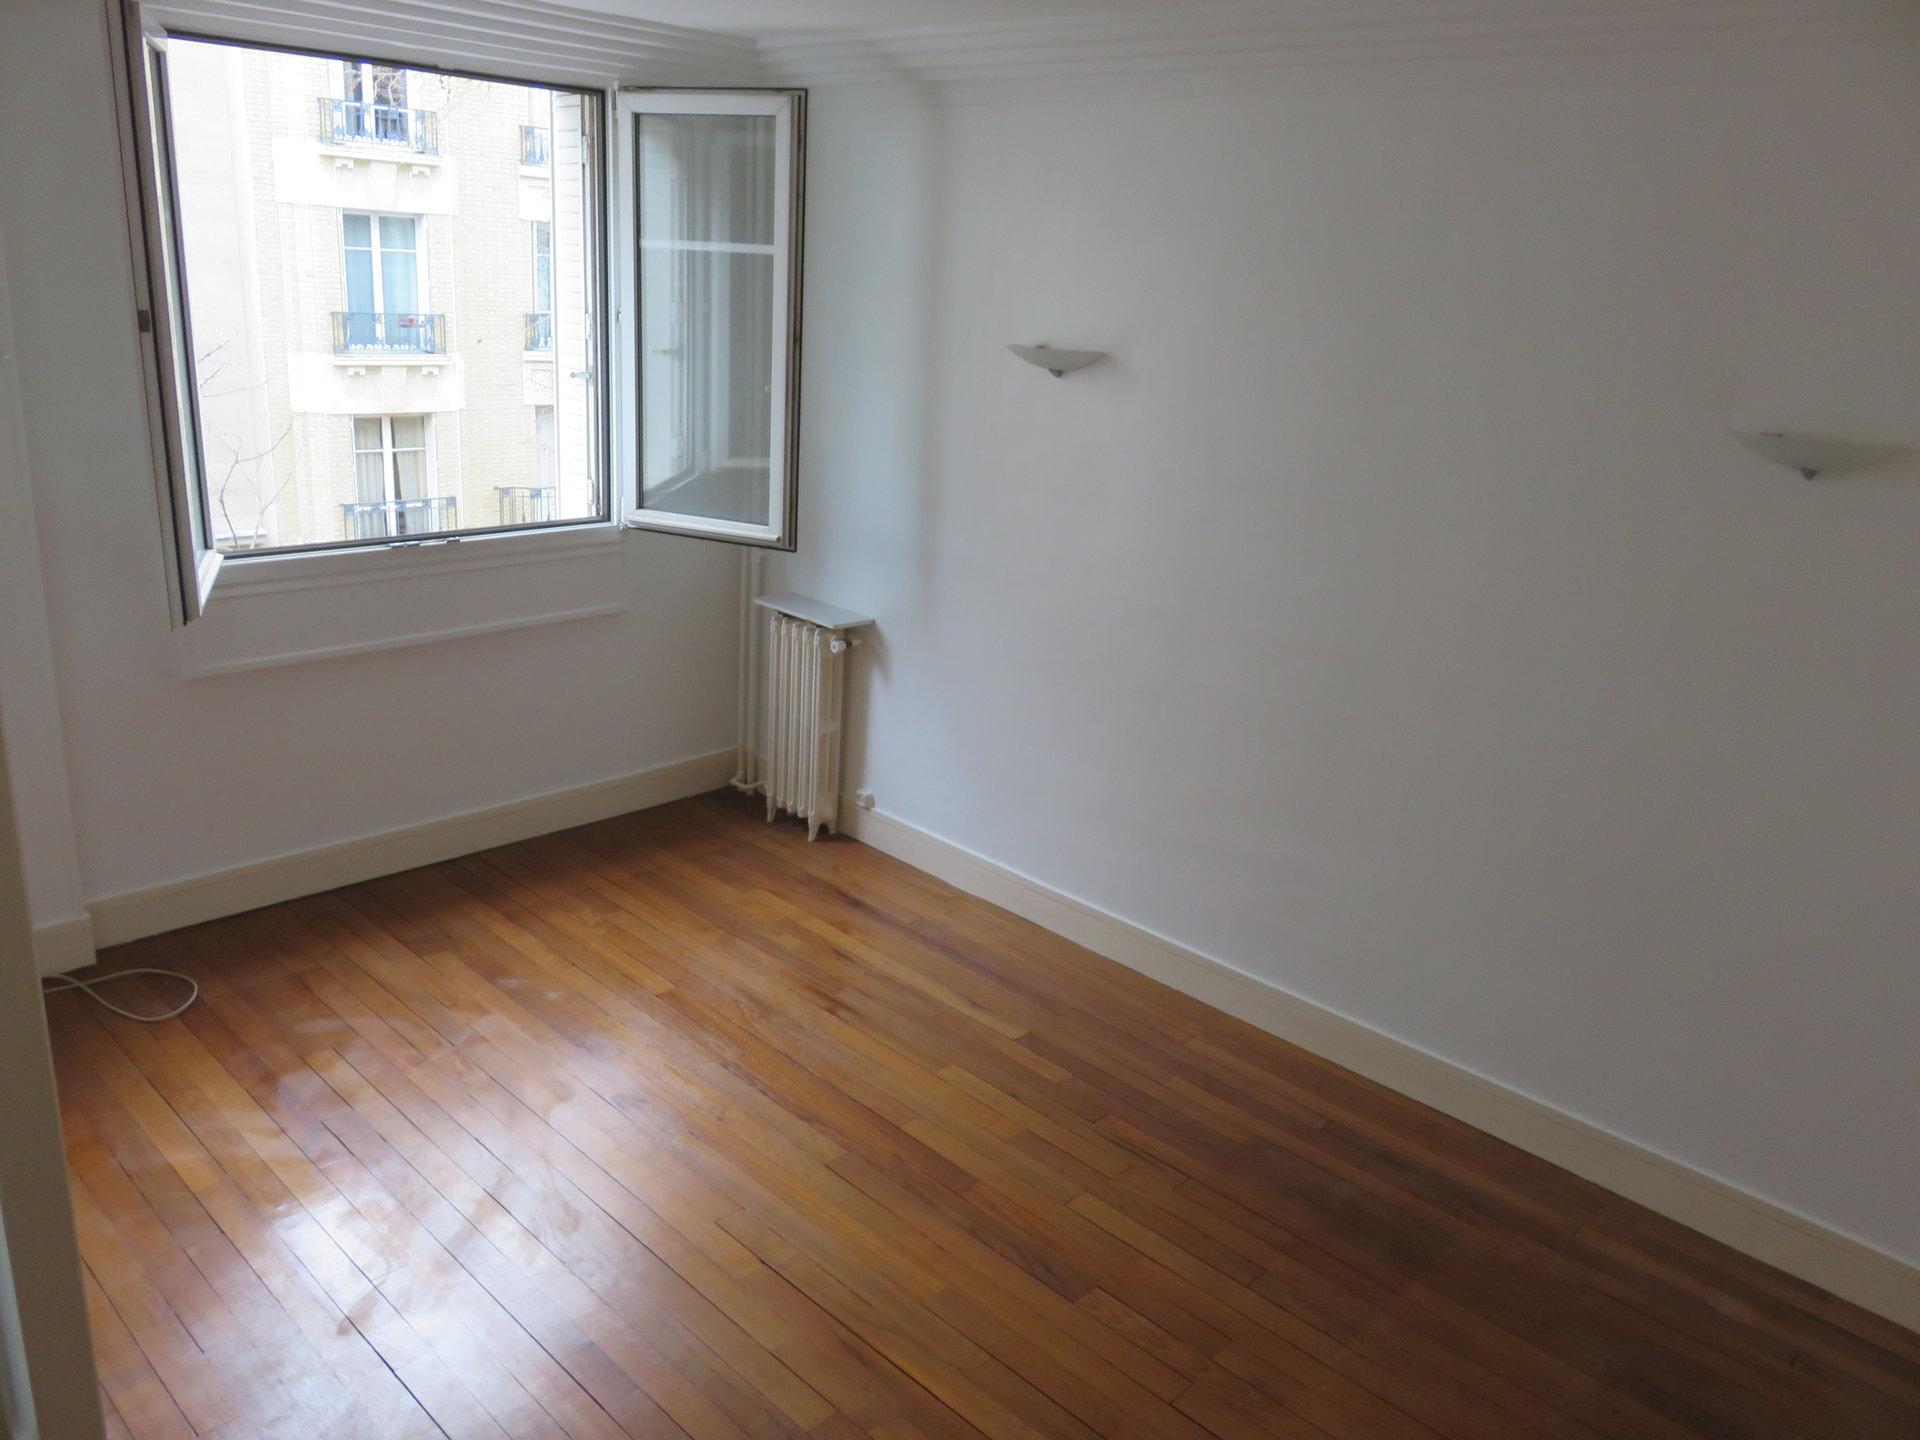 Paris - XX ème - Rue Saint Blaise - M° Maraîchers / Porte de Montreuil  - 2 PIÈCES - LUMIÈRE ET CALME